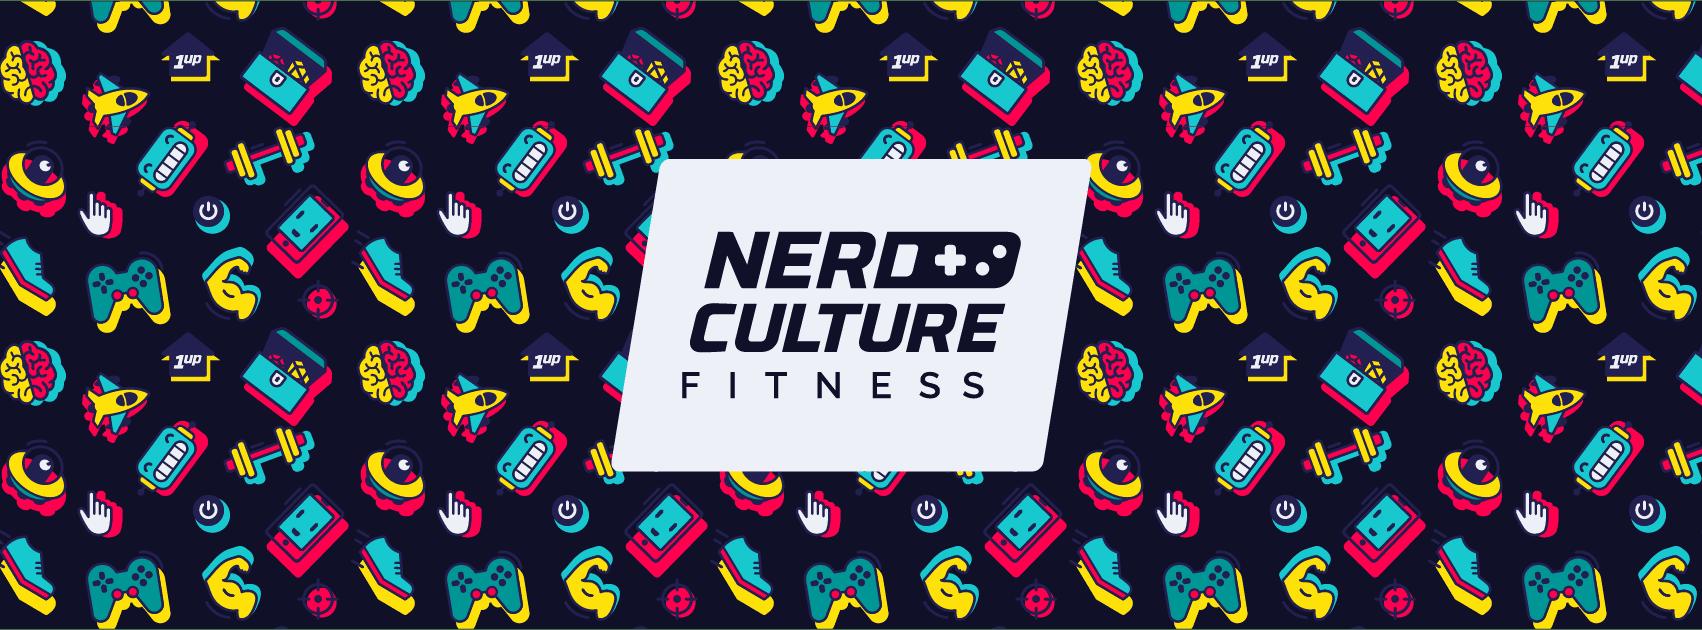 Nerd Culture Fitness branding